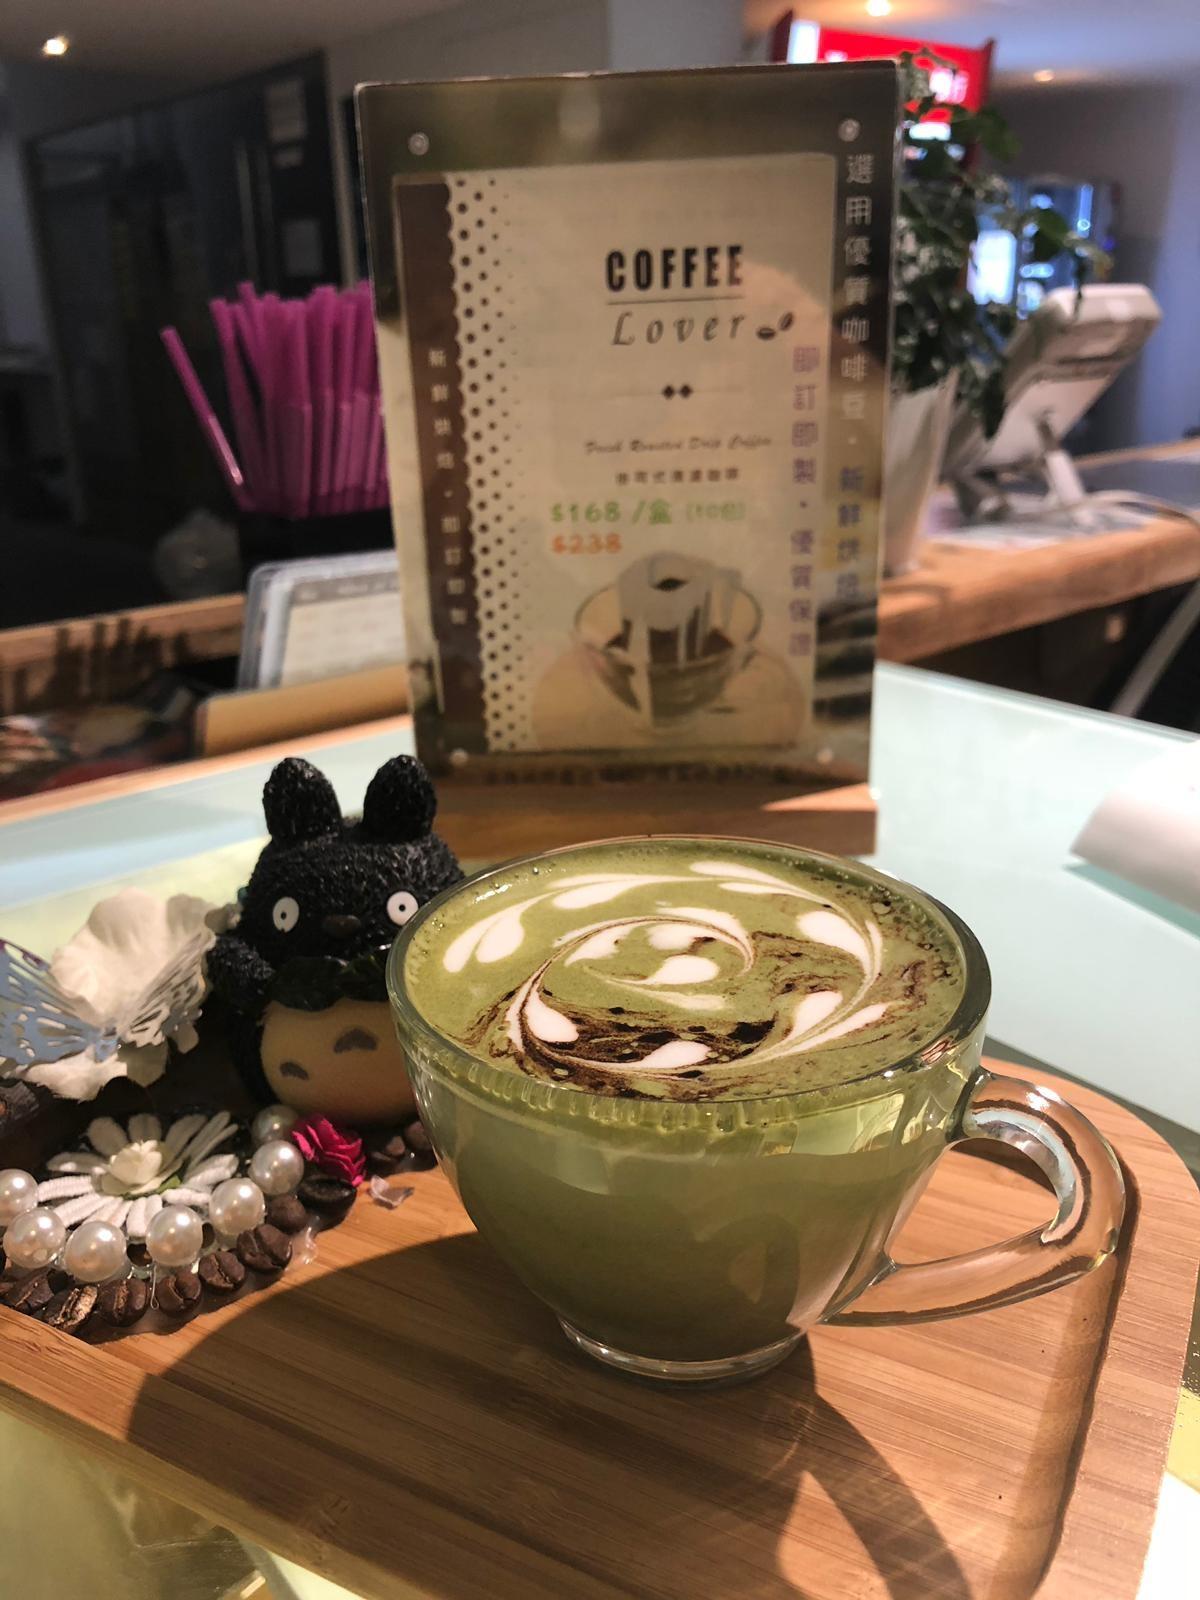 綠茶拉花 Green Tea Latte